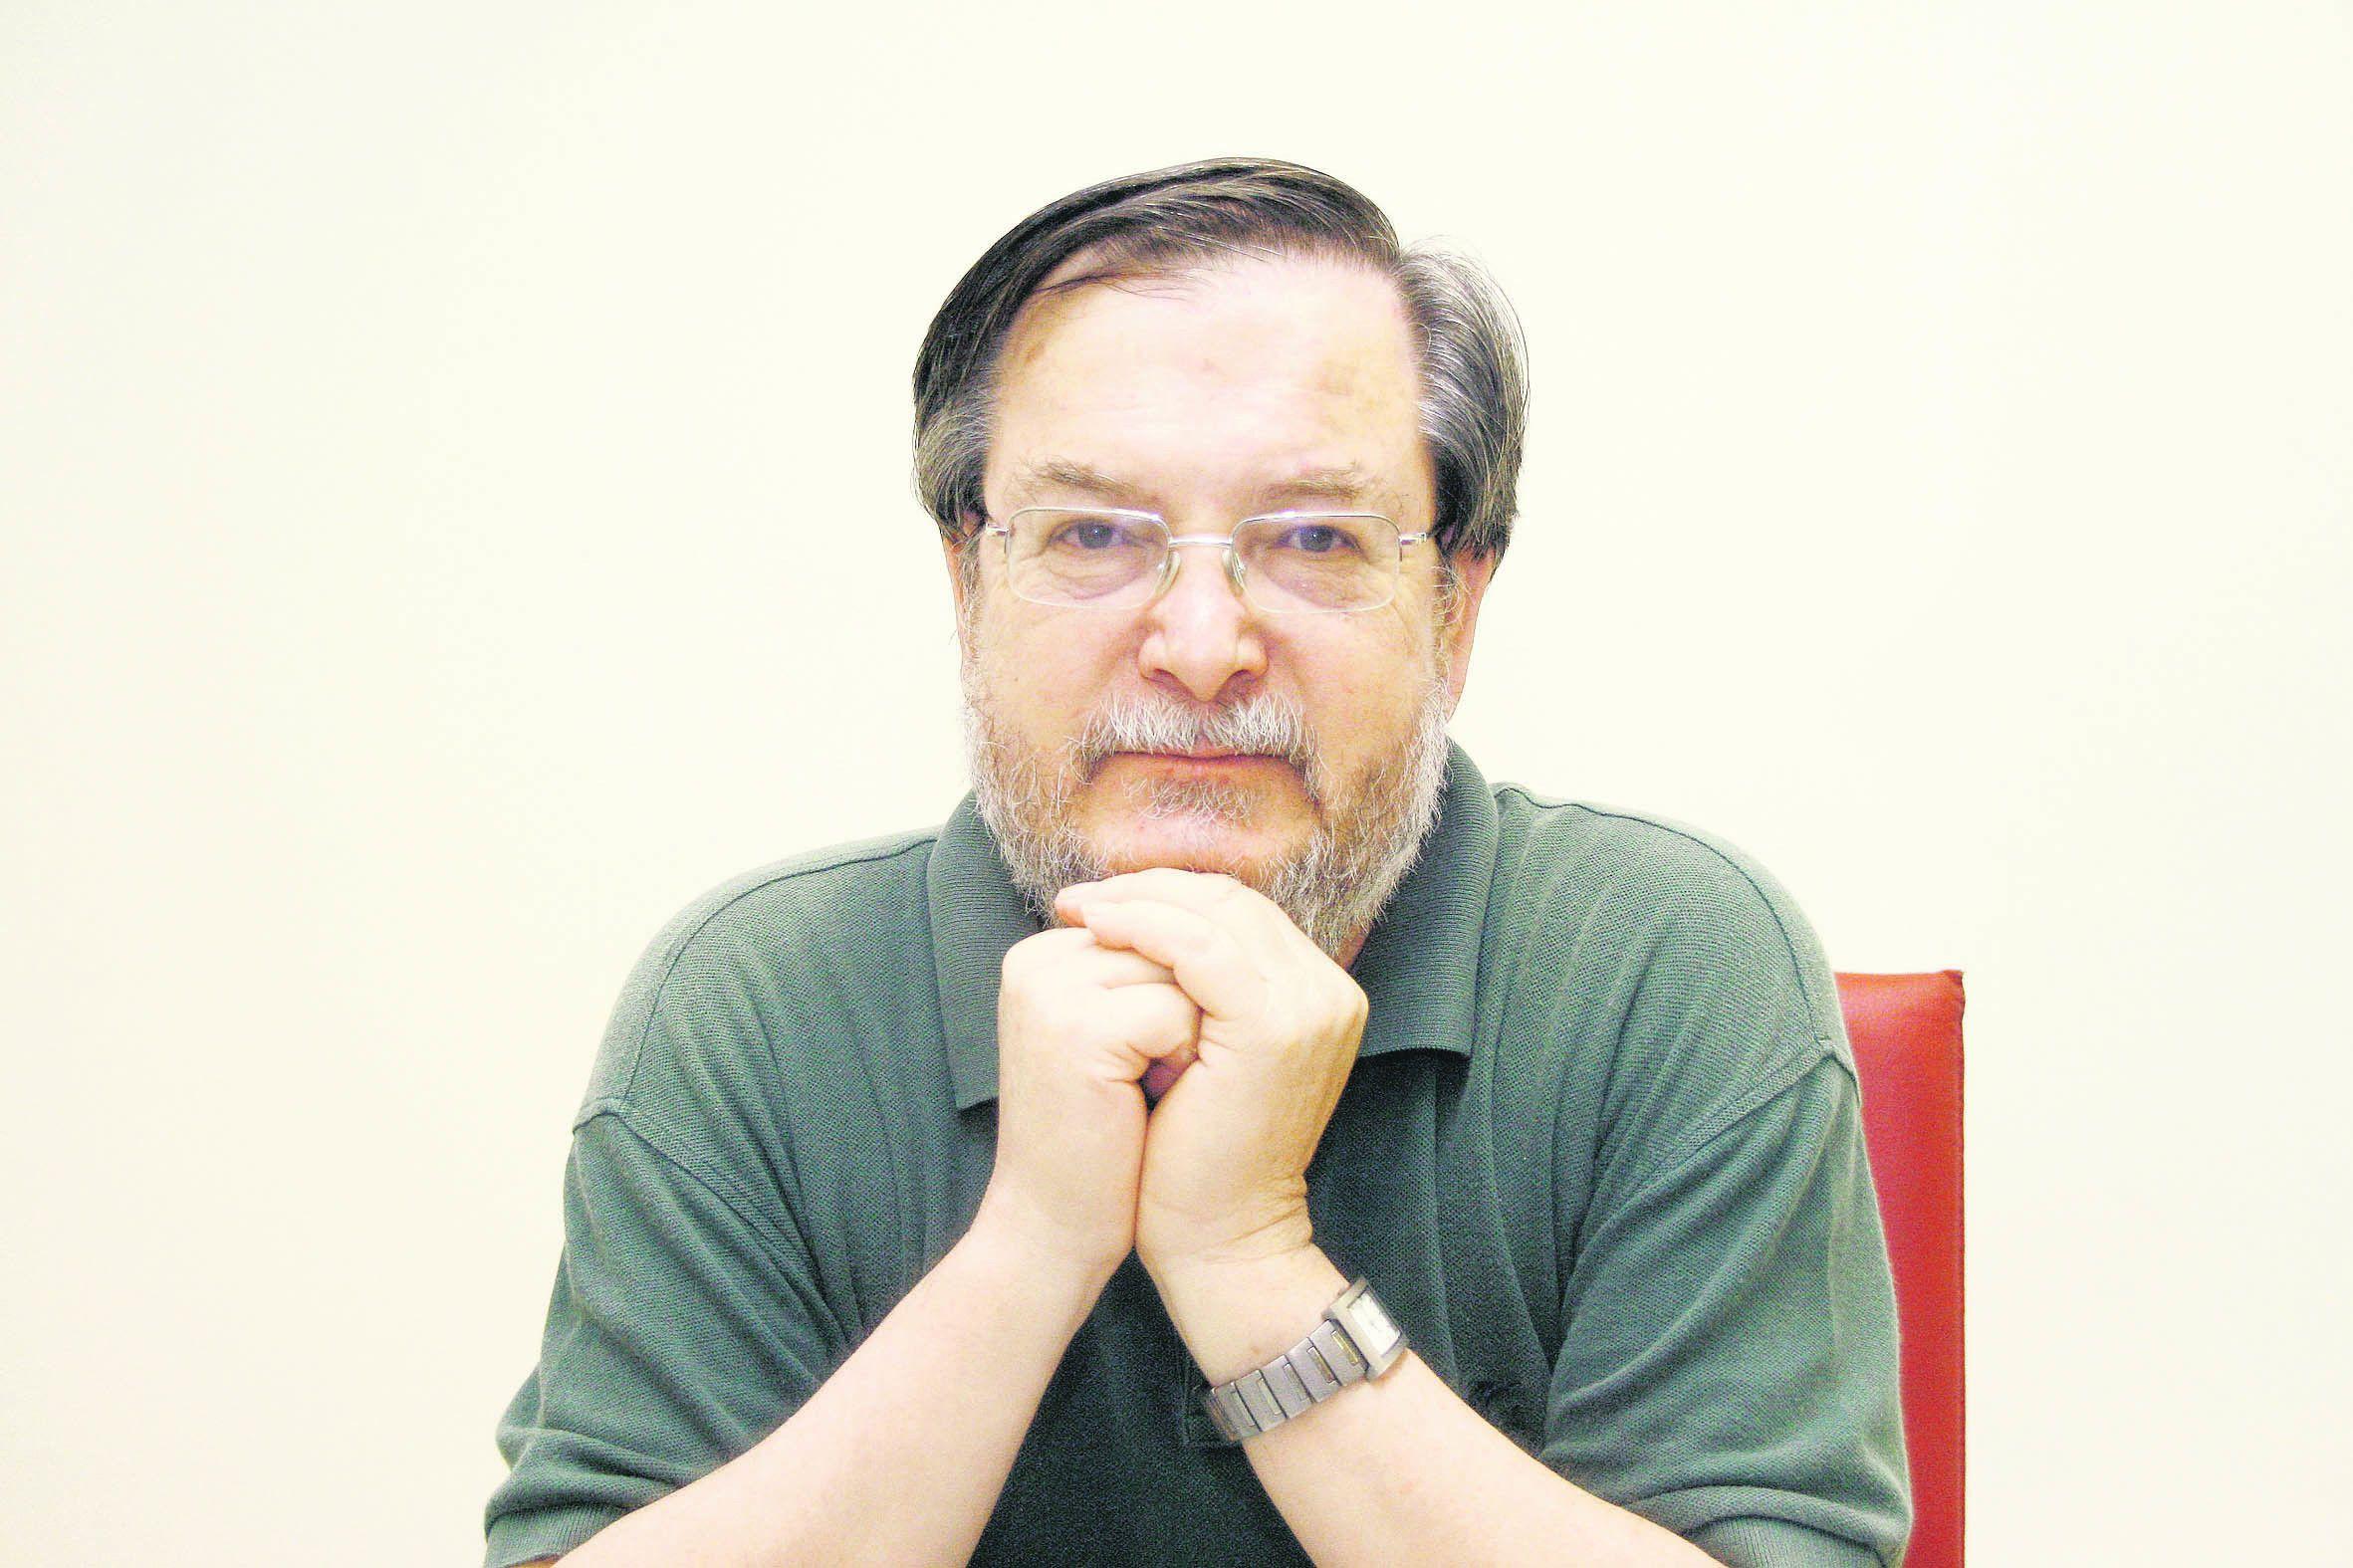 Antonio Sevillano